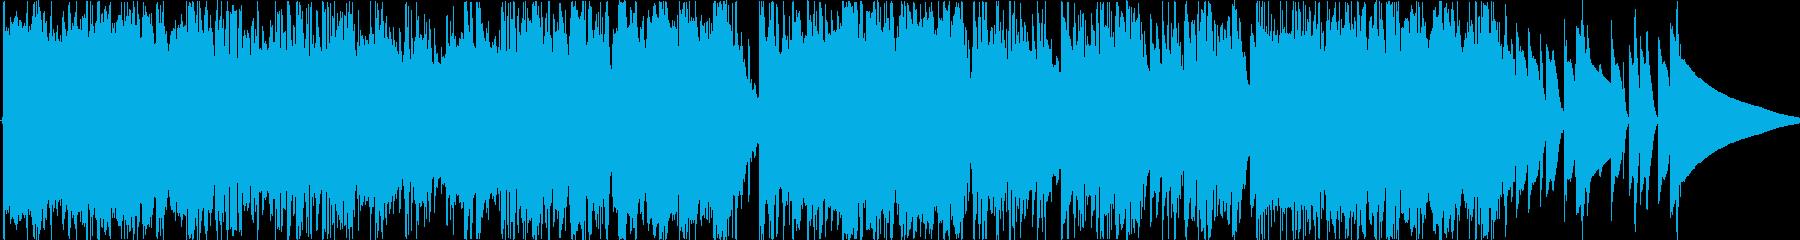 時空間をさまようエレクトロ・ポップの再生済みの波形